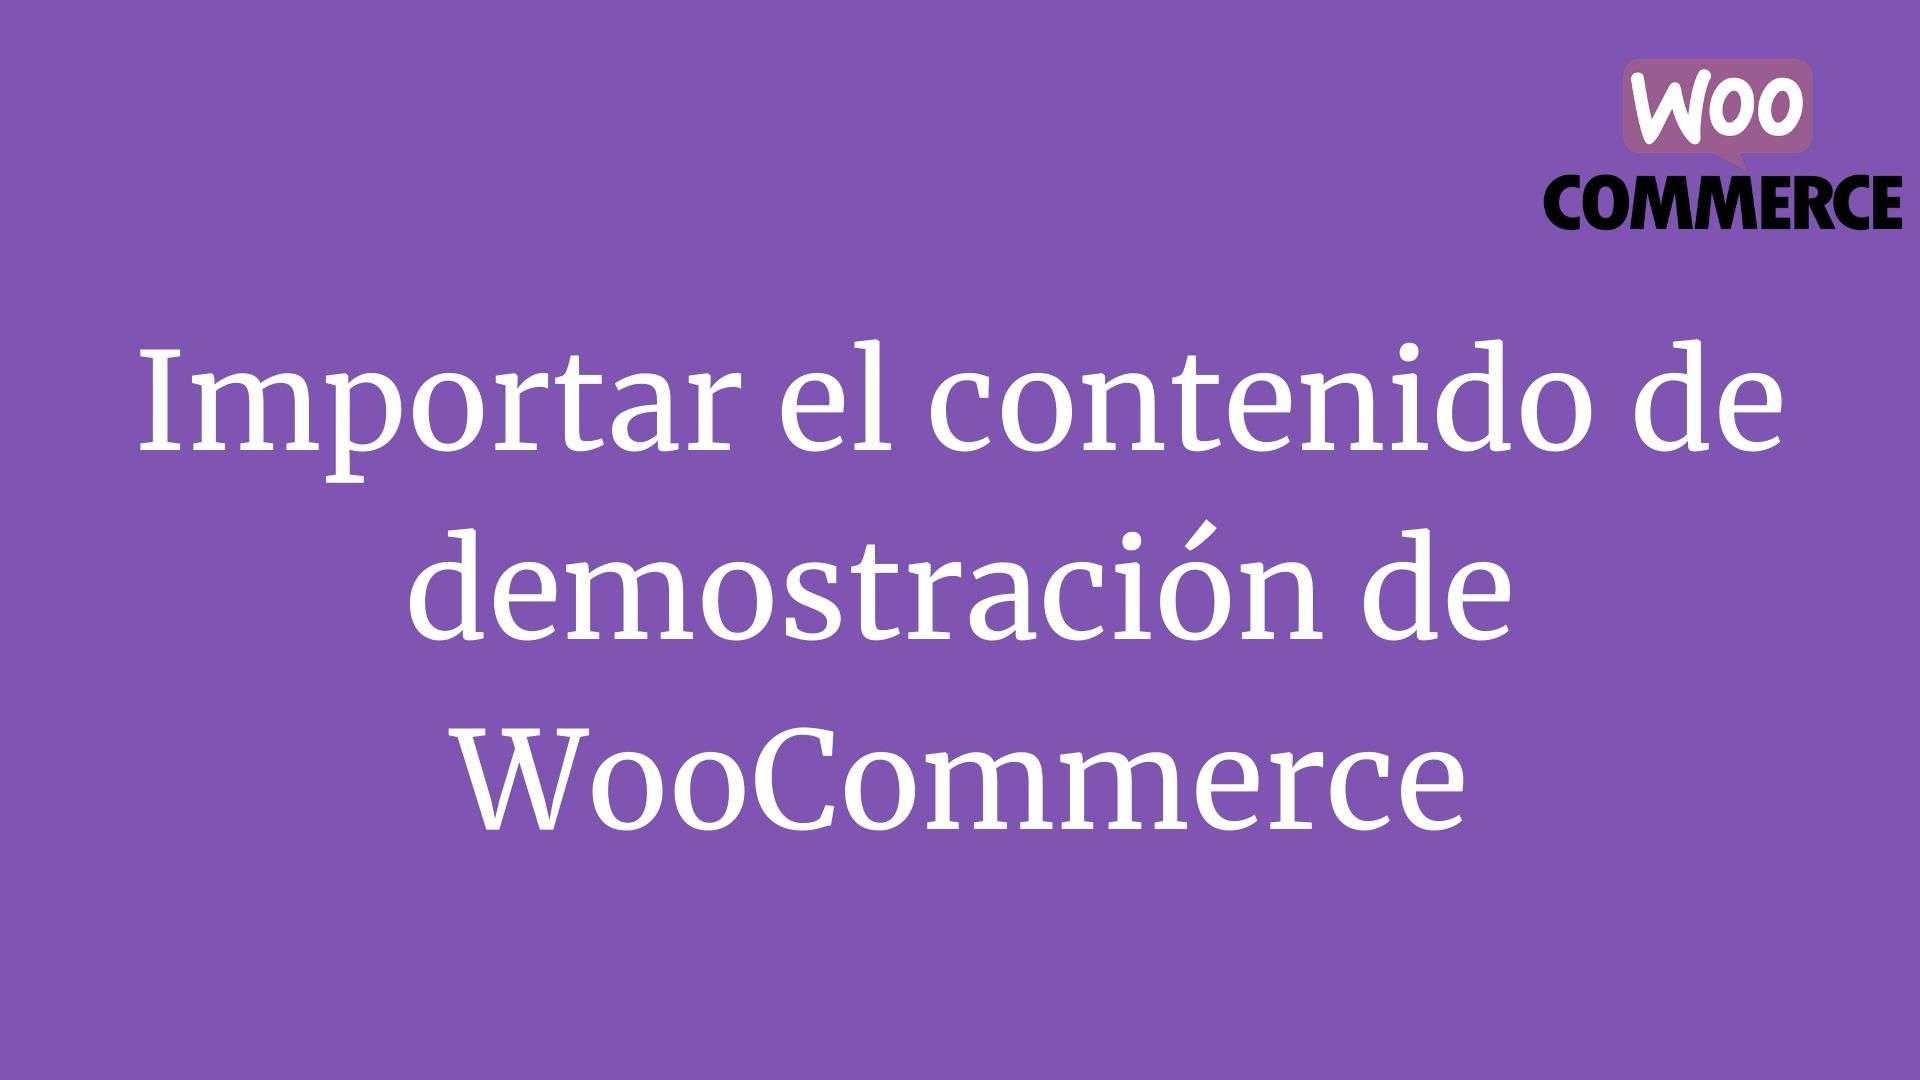 Importar el contenido de demostración de WooCommerce